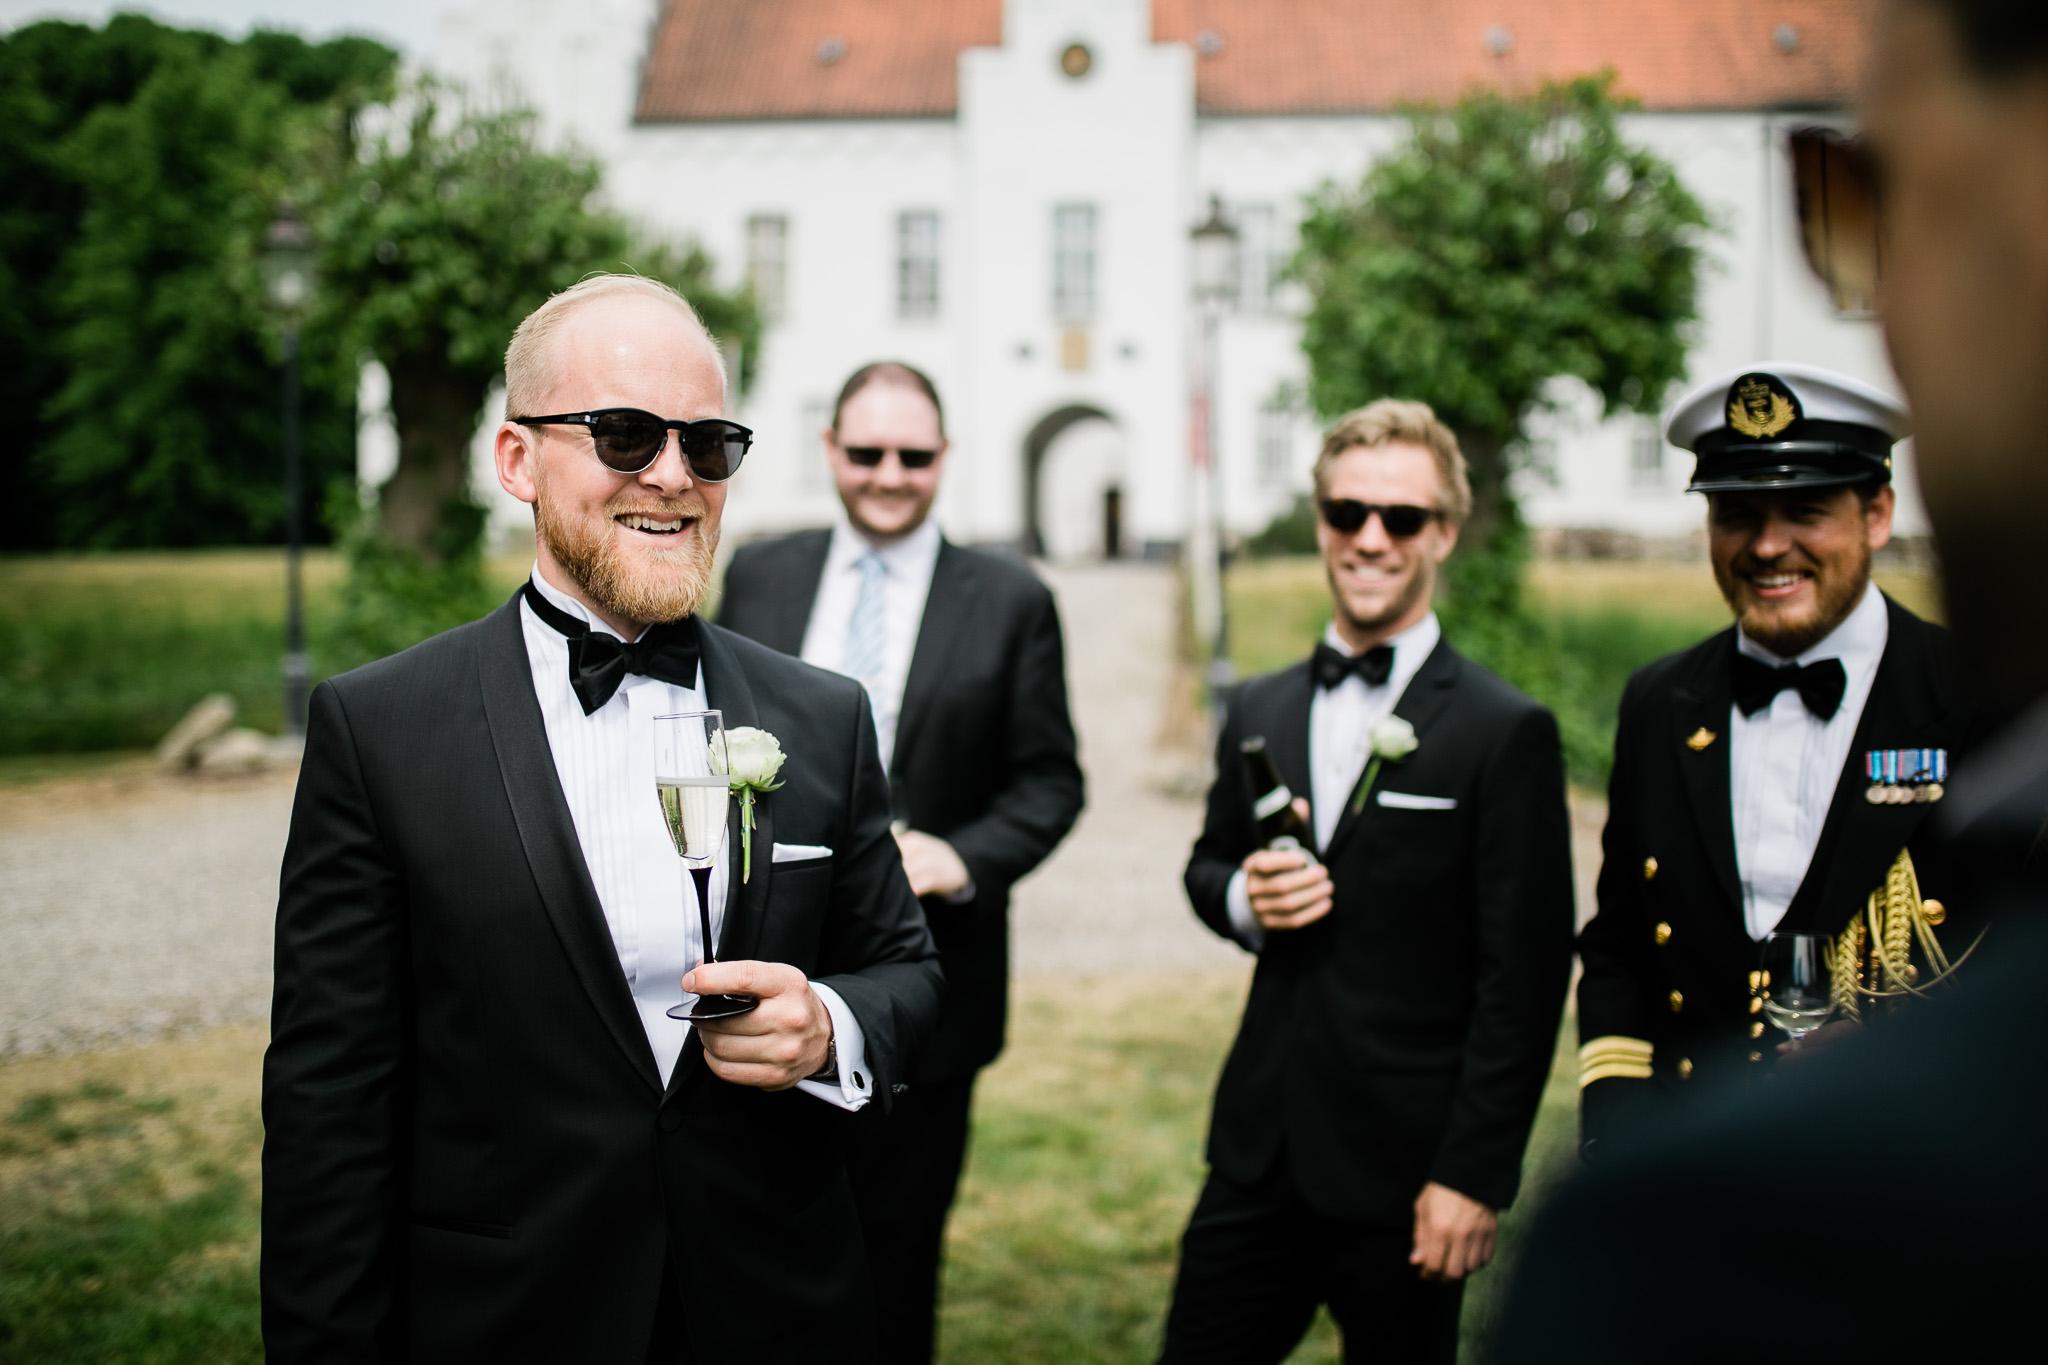 e94e9a98 Bryllup — Fotoblog fra Thellufsenfoto med fokus på at give tips til ...